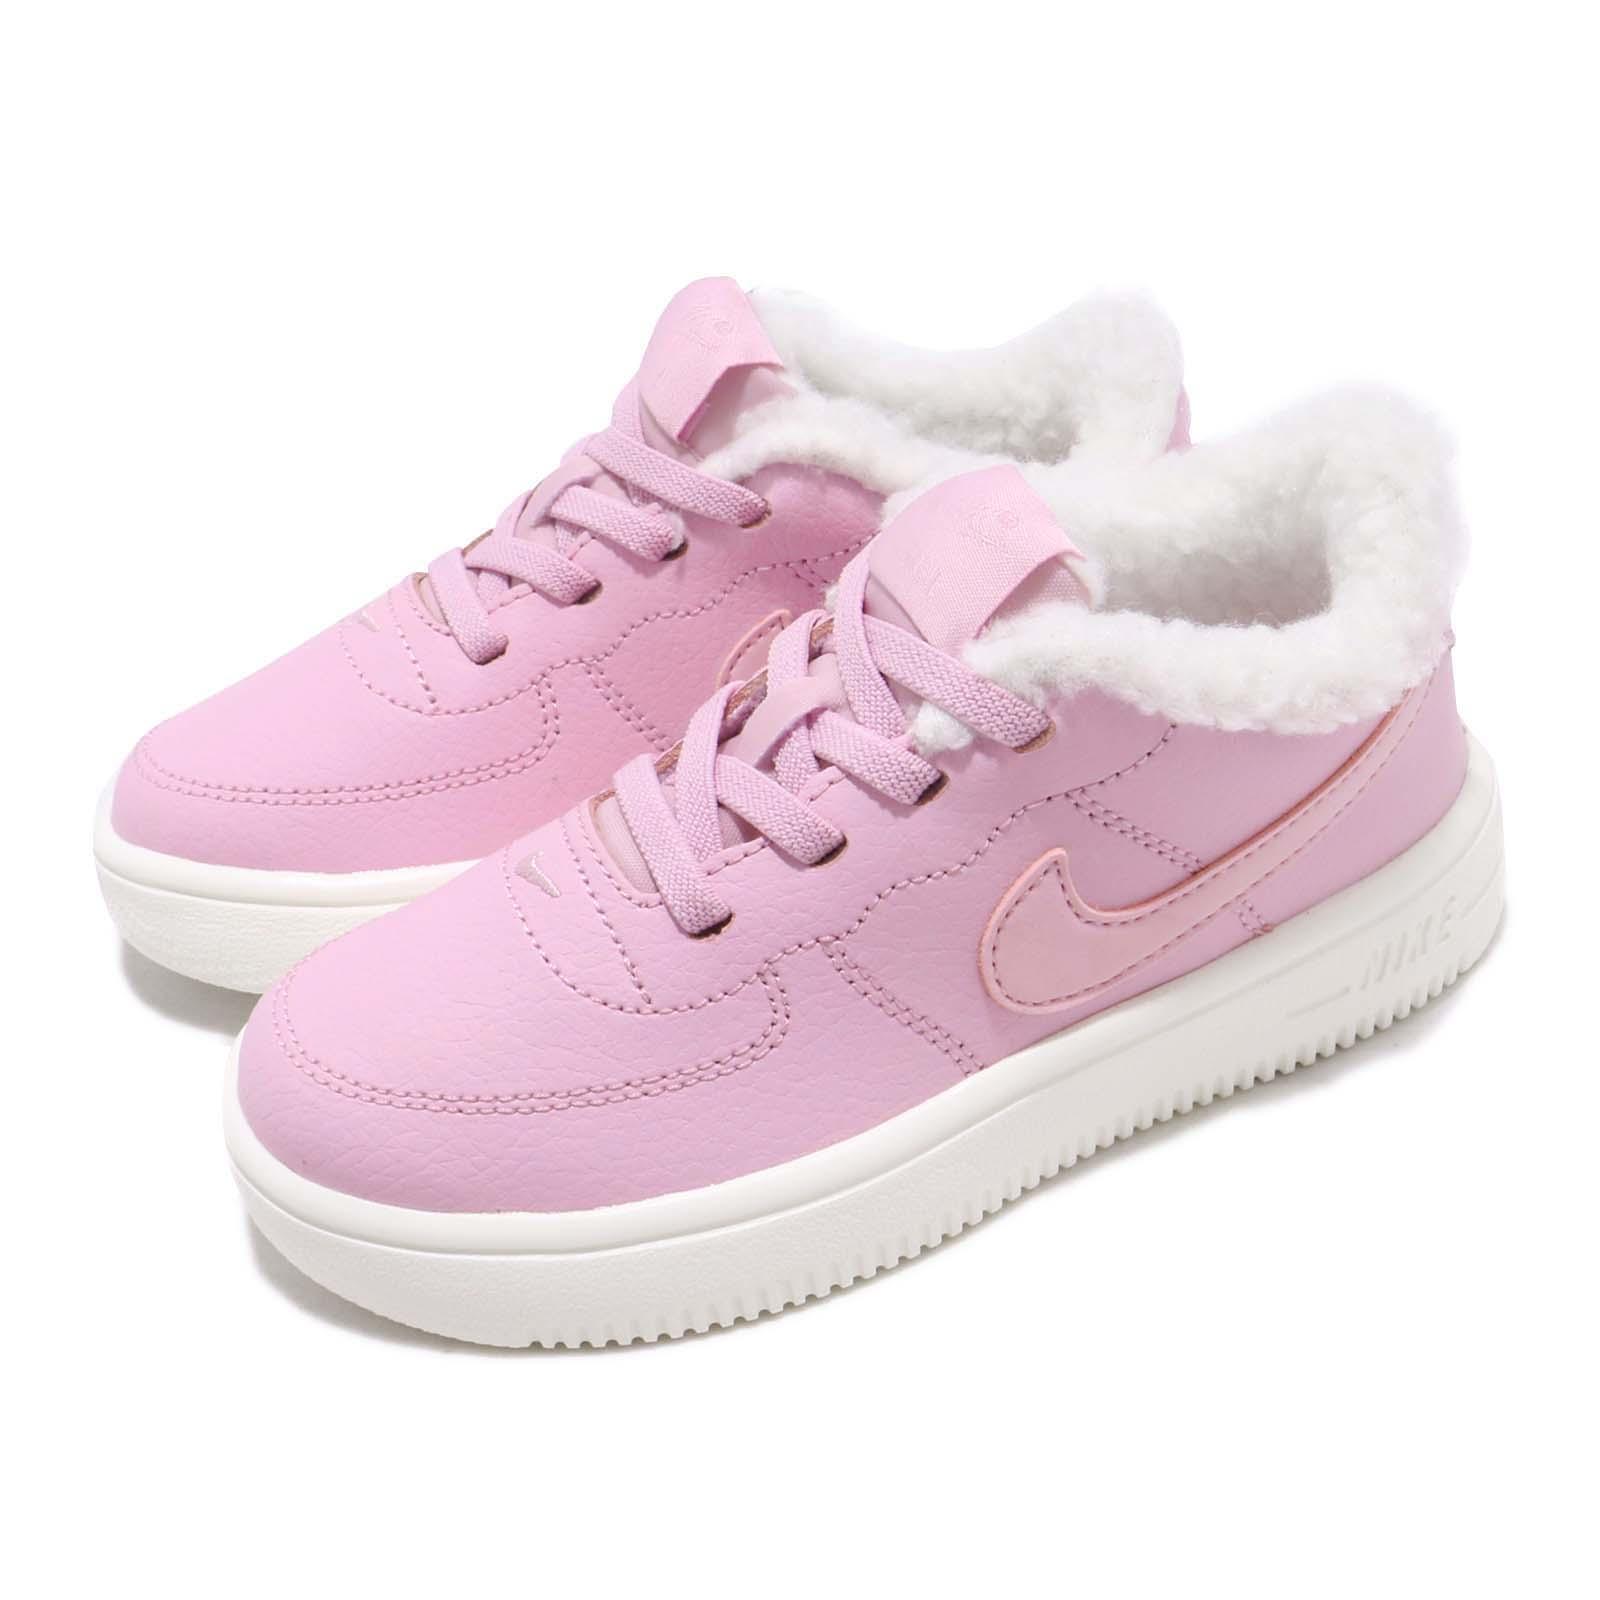 Nike 休閒鞋 Force 1 18 SE TD 童鞋 AR1134-600